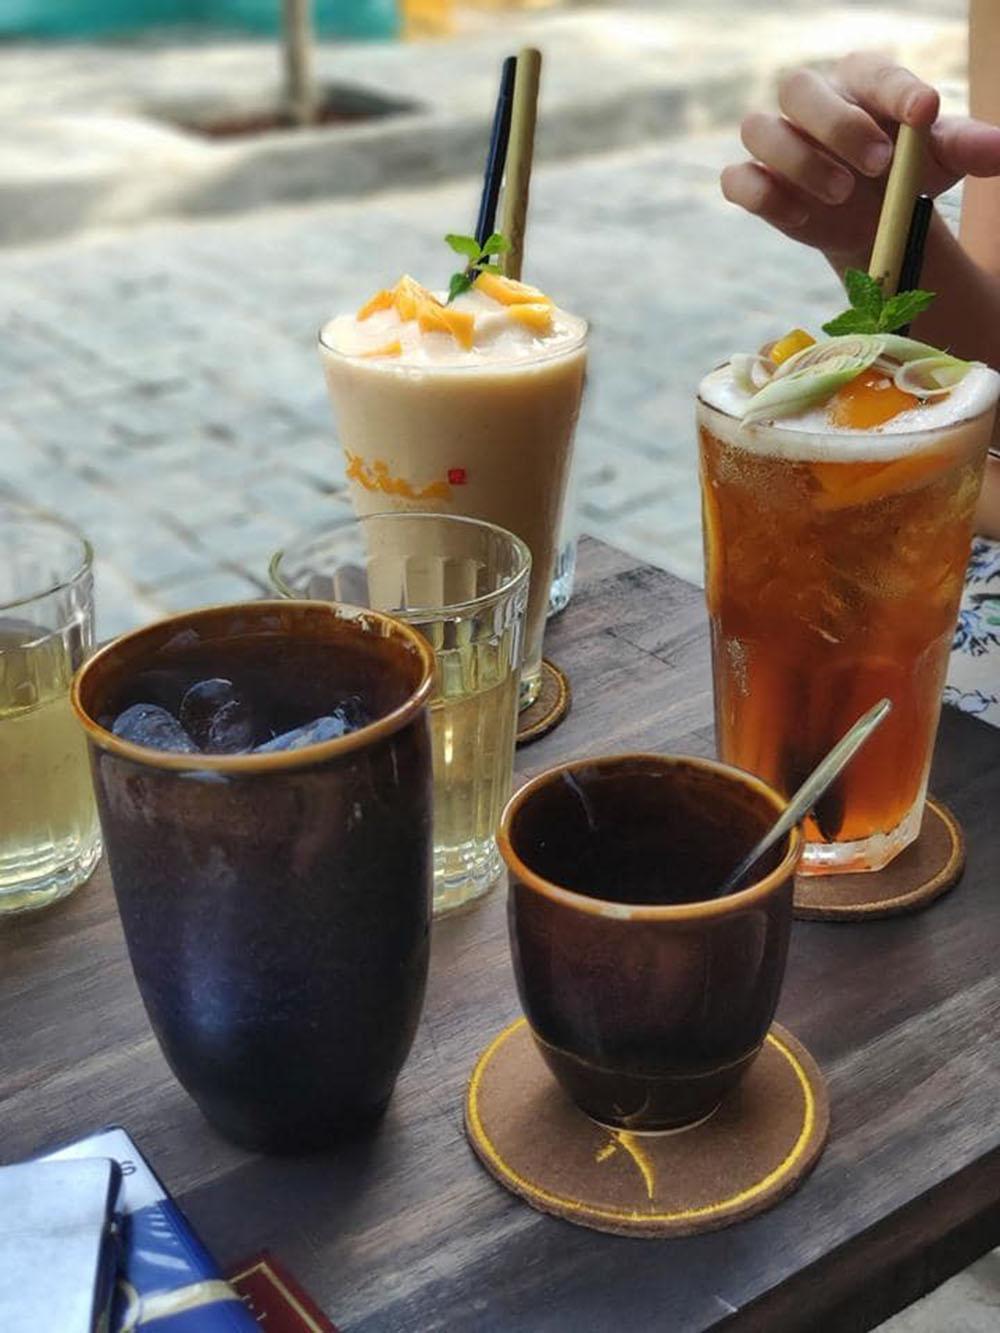 Xiu Cafe Hoi An Giua Long Da Nang Fantasticity Com 128 130 Nguyen Thi Minh Khai 010